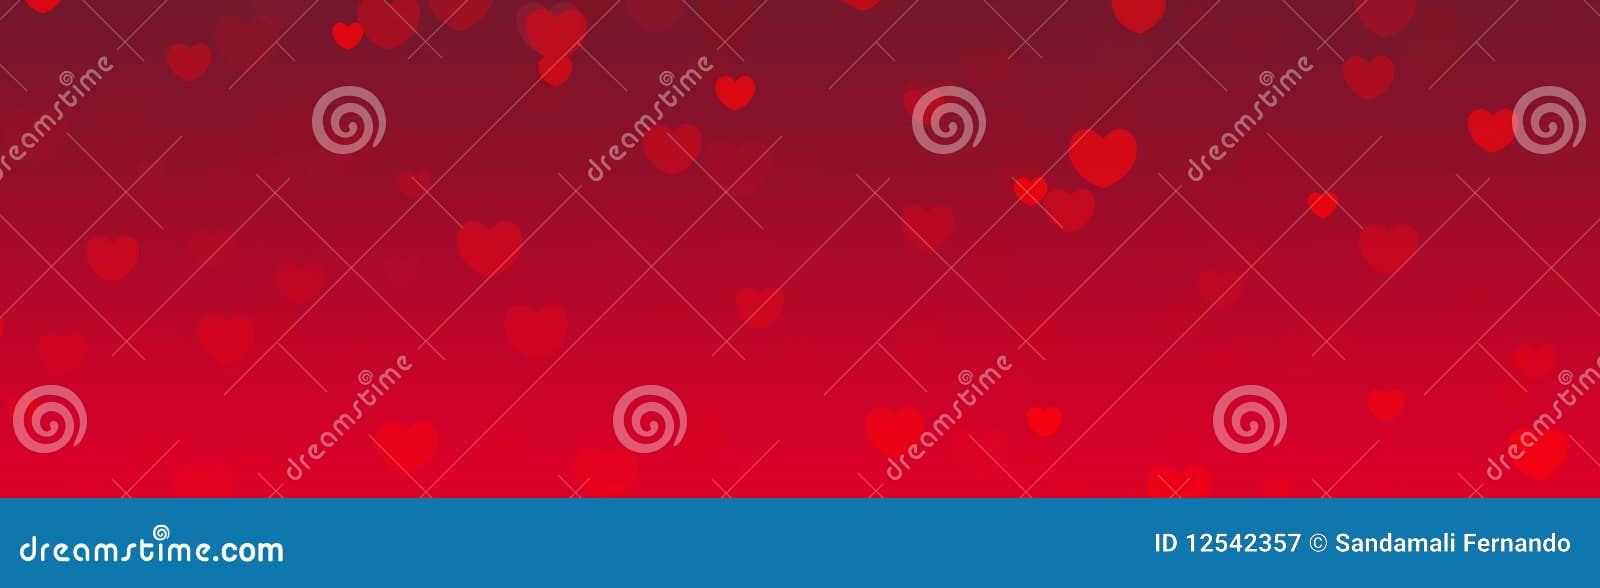 Valentinsgrußtagesweb-Vorsatz